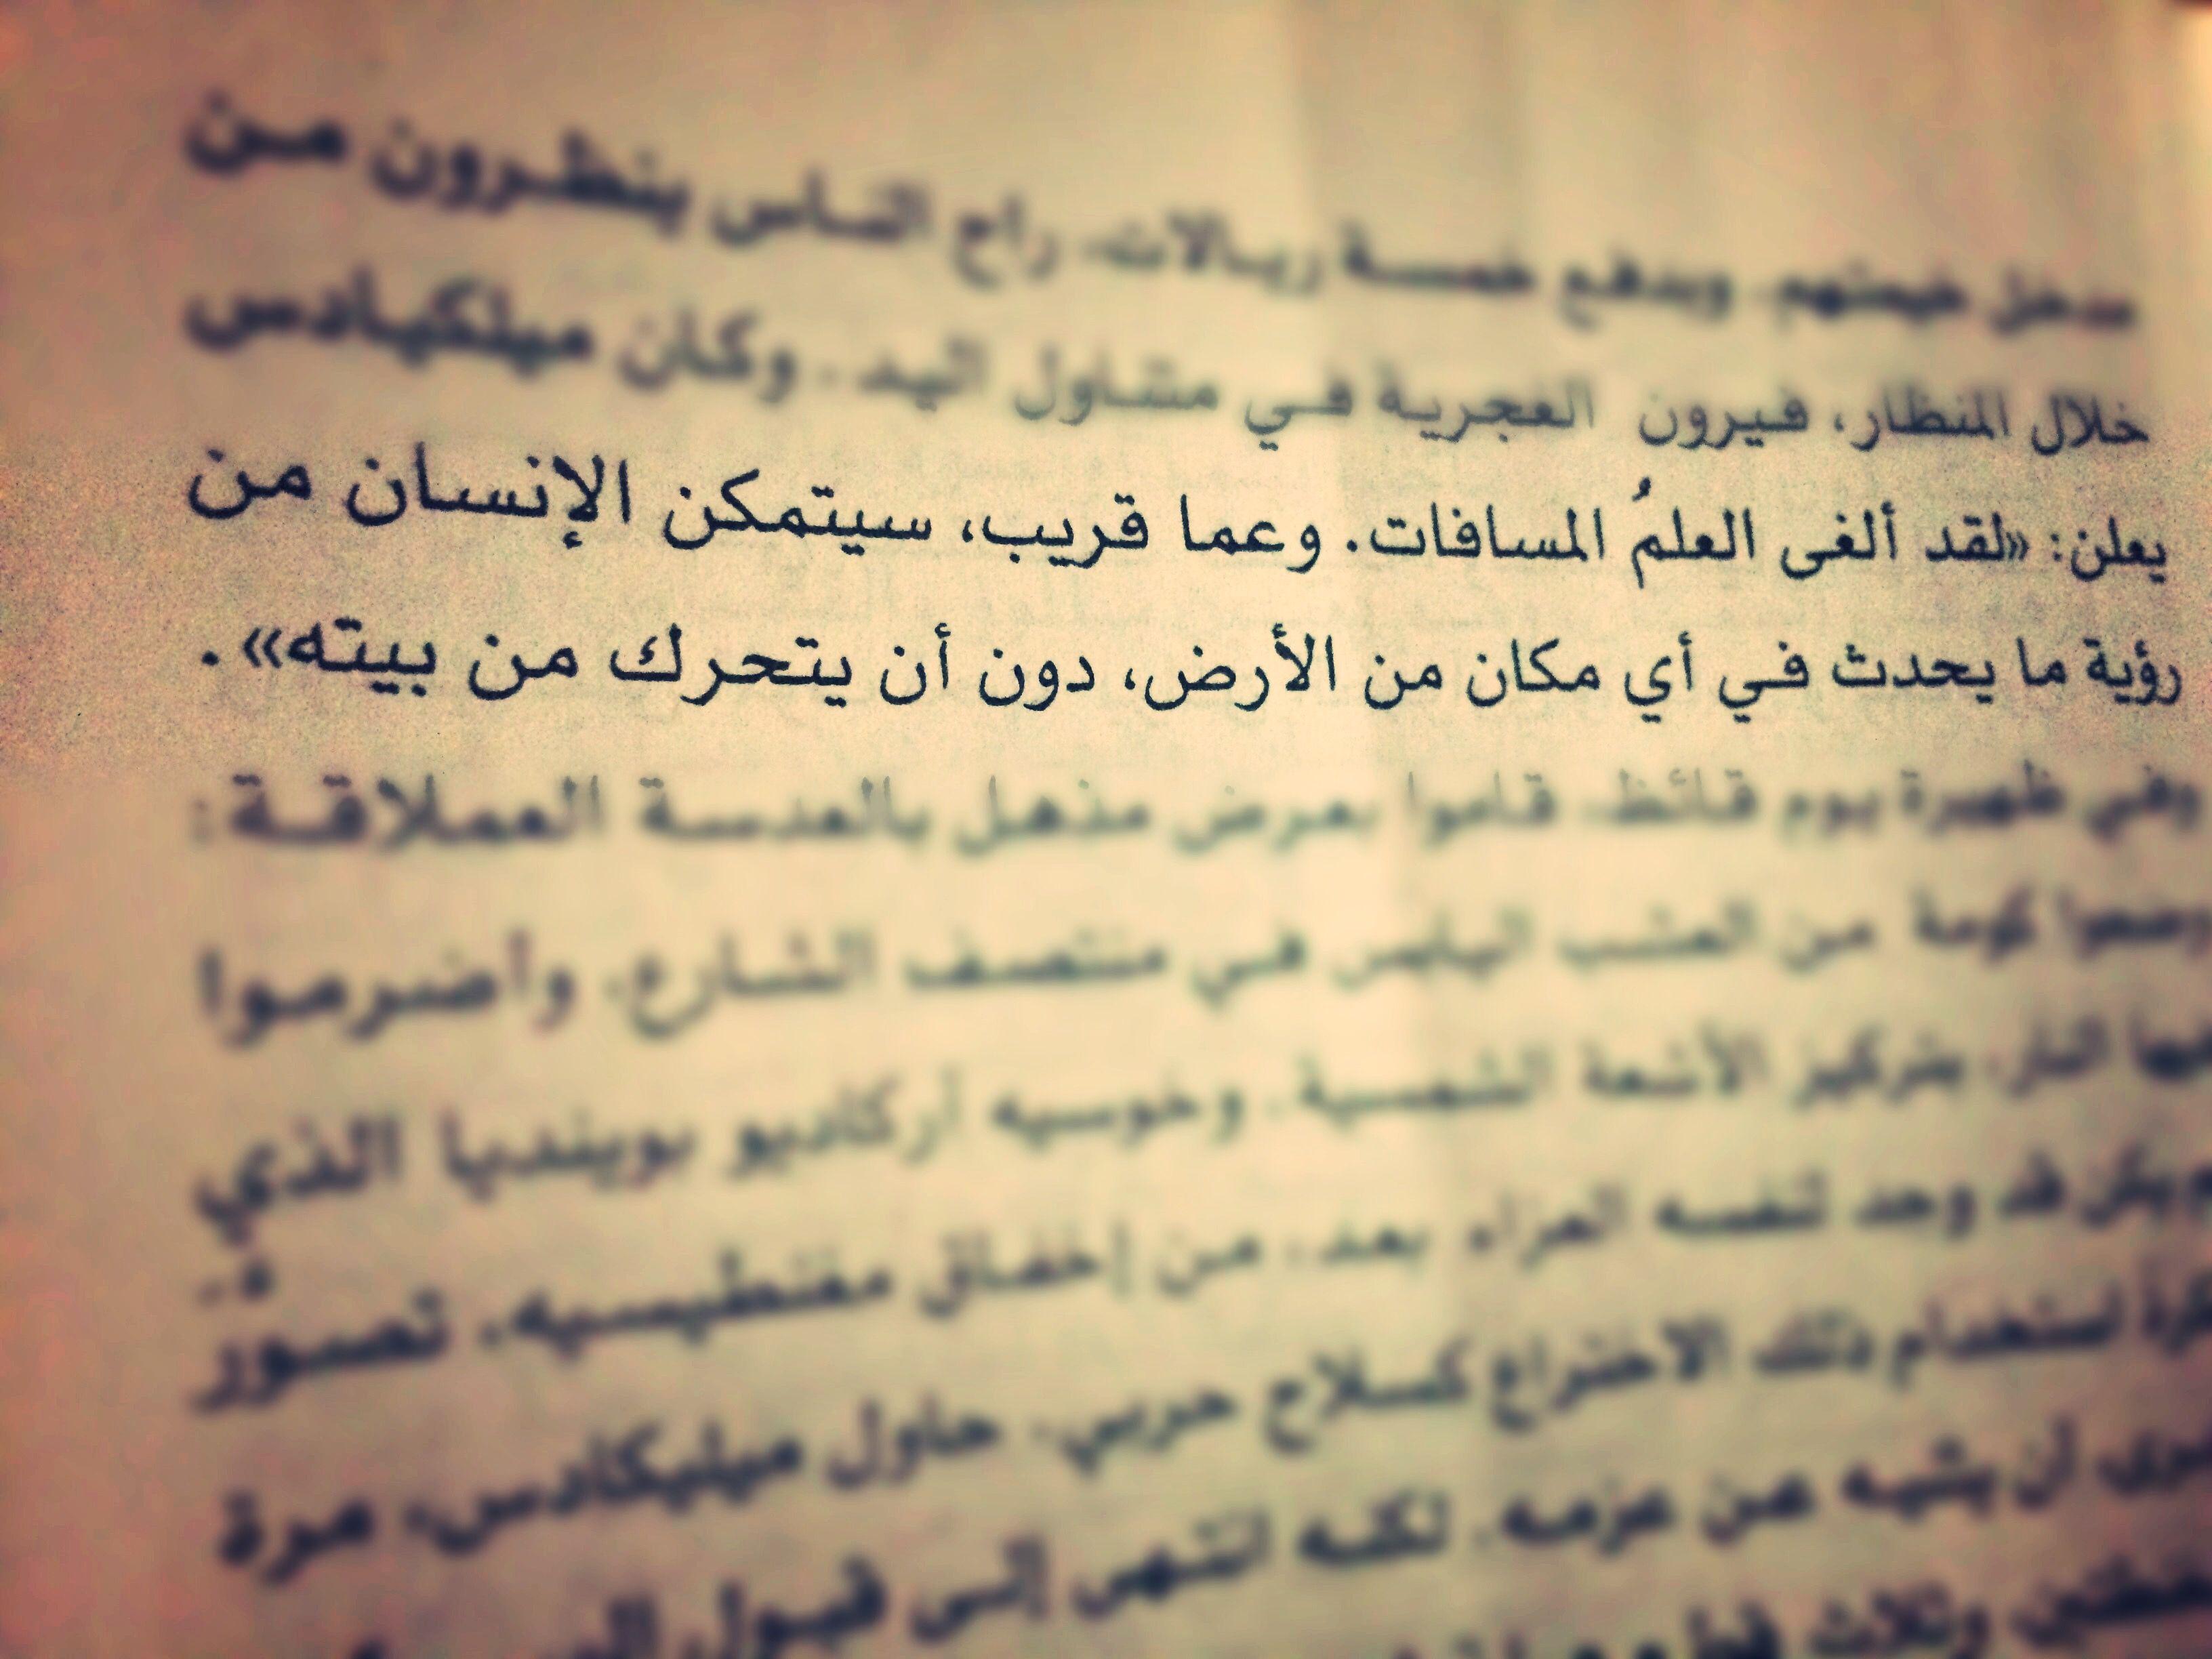 مائة عام من العزلة Calligraphy Arabic Calligraphy Sheet Music